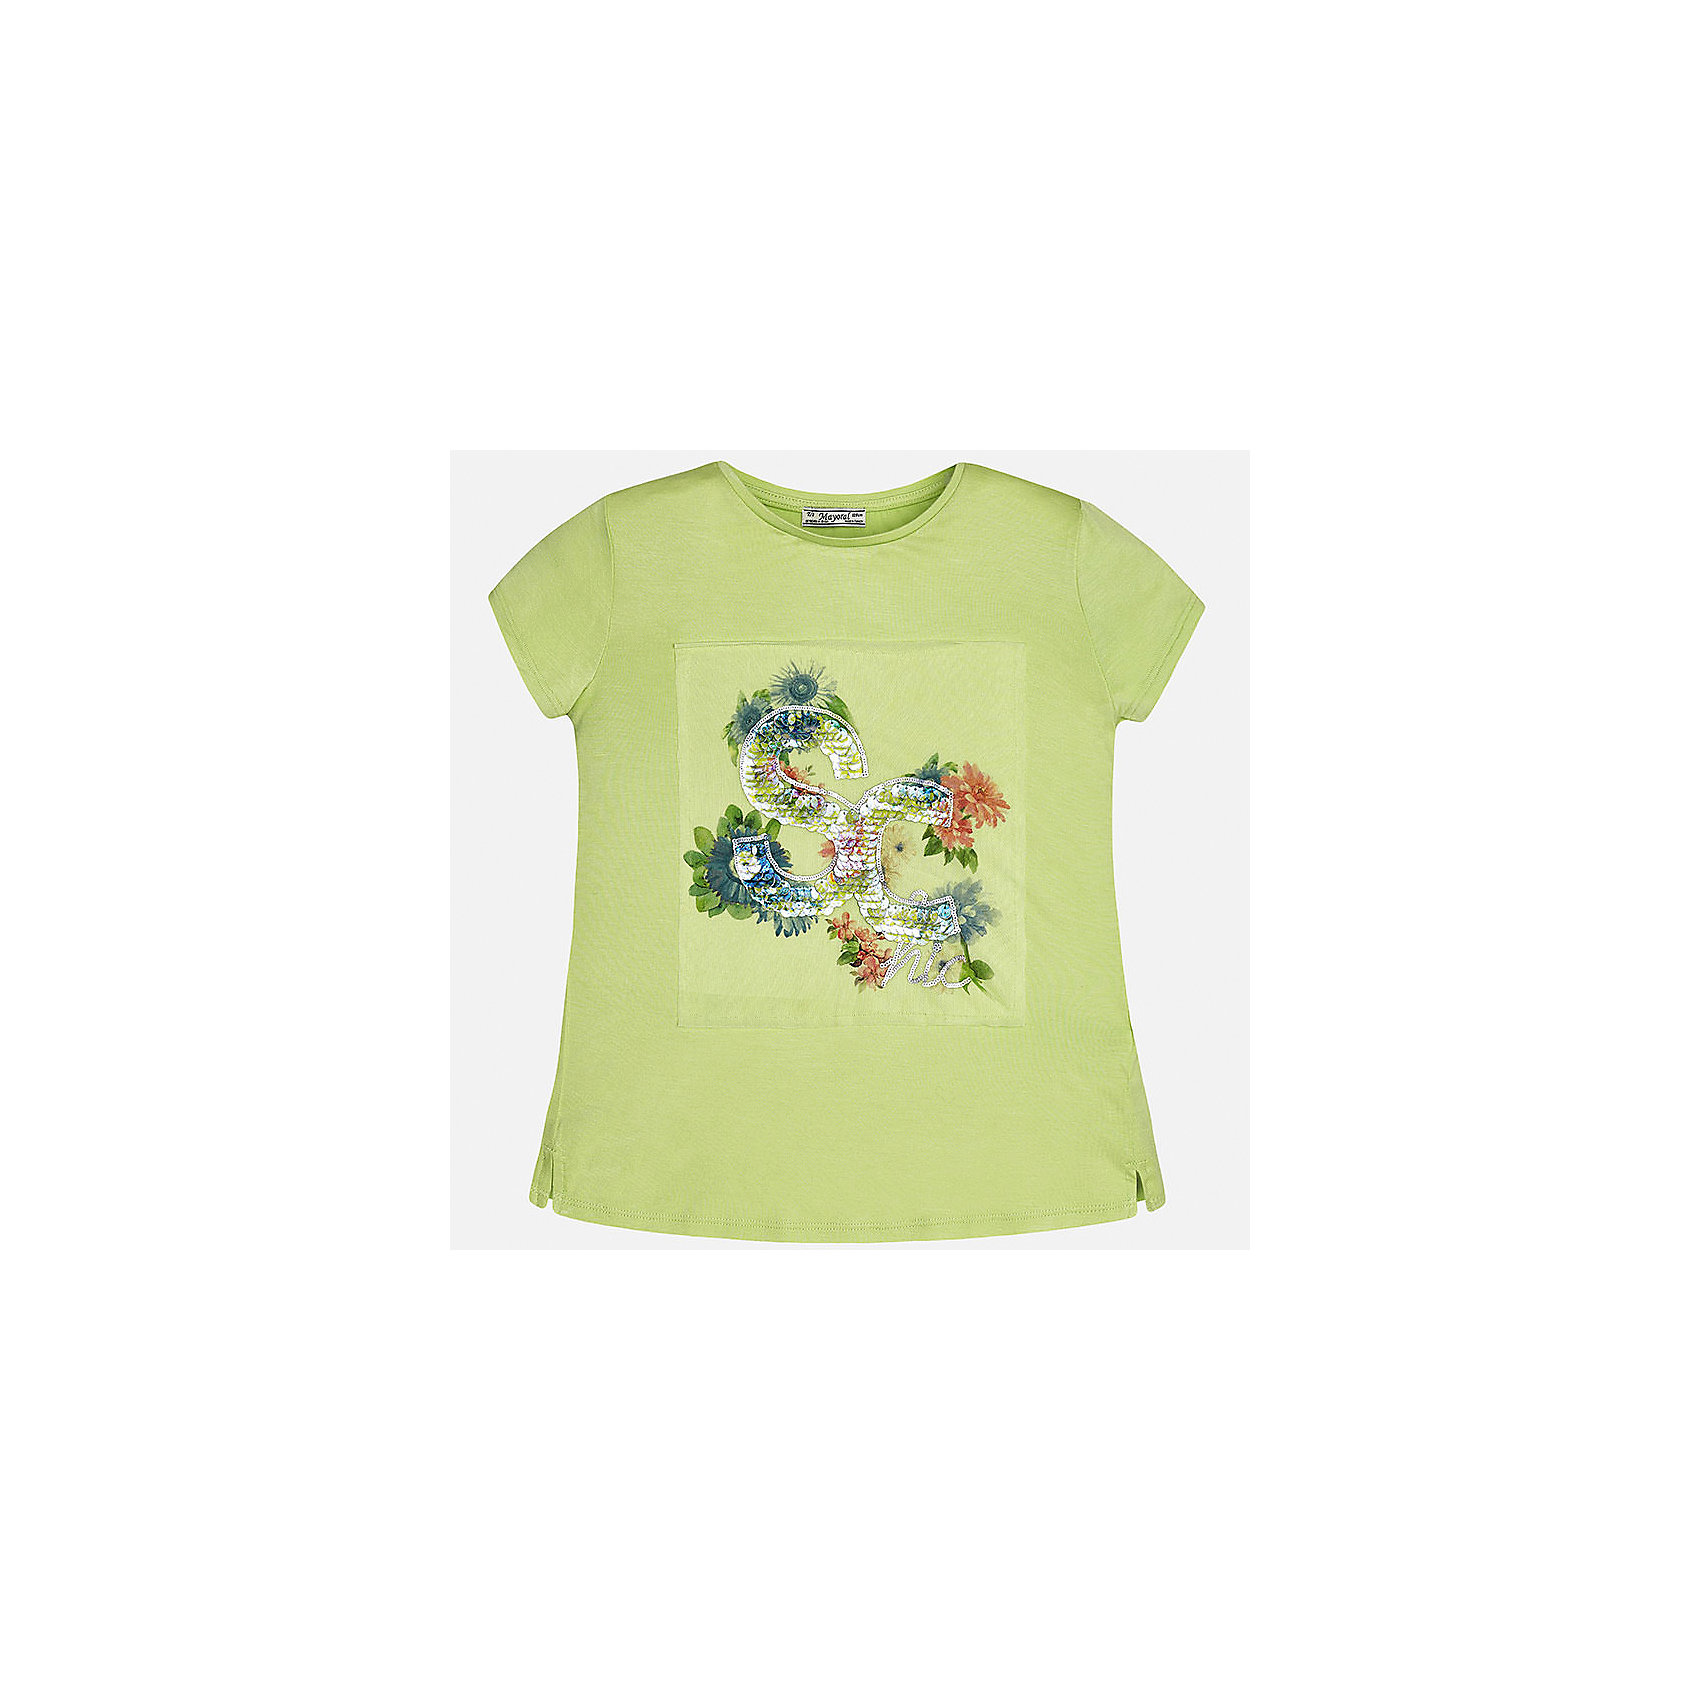 Футболка для девочки MayoralФутболки, поло и топы<br>Характеристики товара:<br><br>• цвет: зеленый<br>• состав: 95% вискоза, 5% эластан<br>• пайетки<br>• декорирована принтом<br>• короткие рукава<br>• округлый горловой вырез<br>• страна бренда: Испания<br><br>Модная качественная футболка для девочки поможет разнообразить гардероб ребенка и украсить наряд. Она отлично сочетается и с юбками, и с шортами, и с брюками. Универсальный цвет позволяет подобрать к вещи низ практически любой расцветки. Интересная отделка модели делает её нарядной и оригинальной.<br><br>Одежда, обувь и аксессуары от испанского бренда Mayoral полюбились детям и взрослым по всему миру. Модели этой марки - стильные и удобные. Для их производства используются только безопасные, качественные материалы и фурнитура. Порадуйте ребенка модными и красивыми вещами от Mayoral! <br><br>Футболку для девочки от испанского бренда Mayoral (Майорал) можно купить в нашем интернет-магазине.<br><br>Ширина мм: 199<br>Глубина мм: 10<br>Высота мм: 161<br>Вес г: 151<br>Цвет: зеленый<br>Возраст от месяцев: 168<br>Возраст до месяцев: 180<br>Пол: Женский<br>Возраст: Детский<br>Размер: 170,128/134,140,152,158,164<br>SKU: 5300709